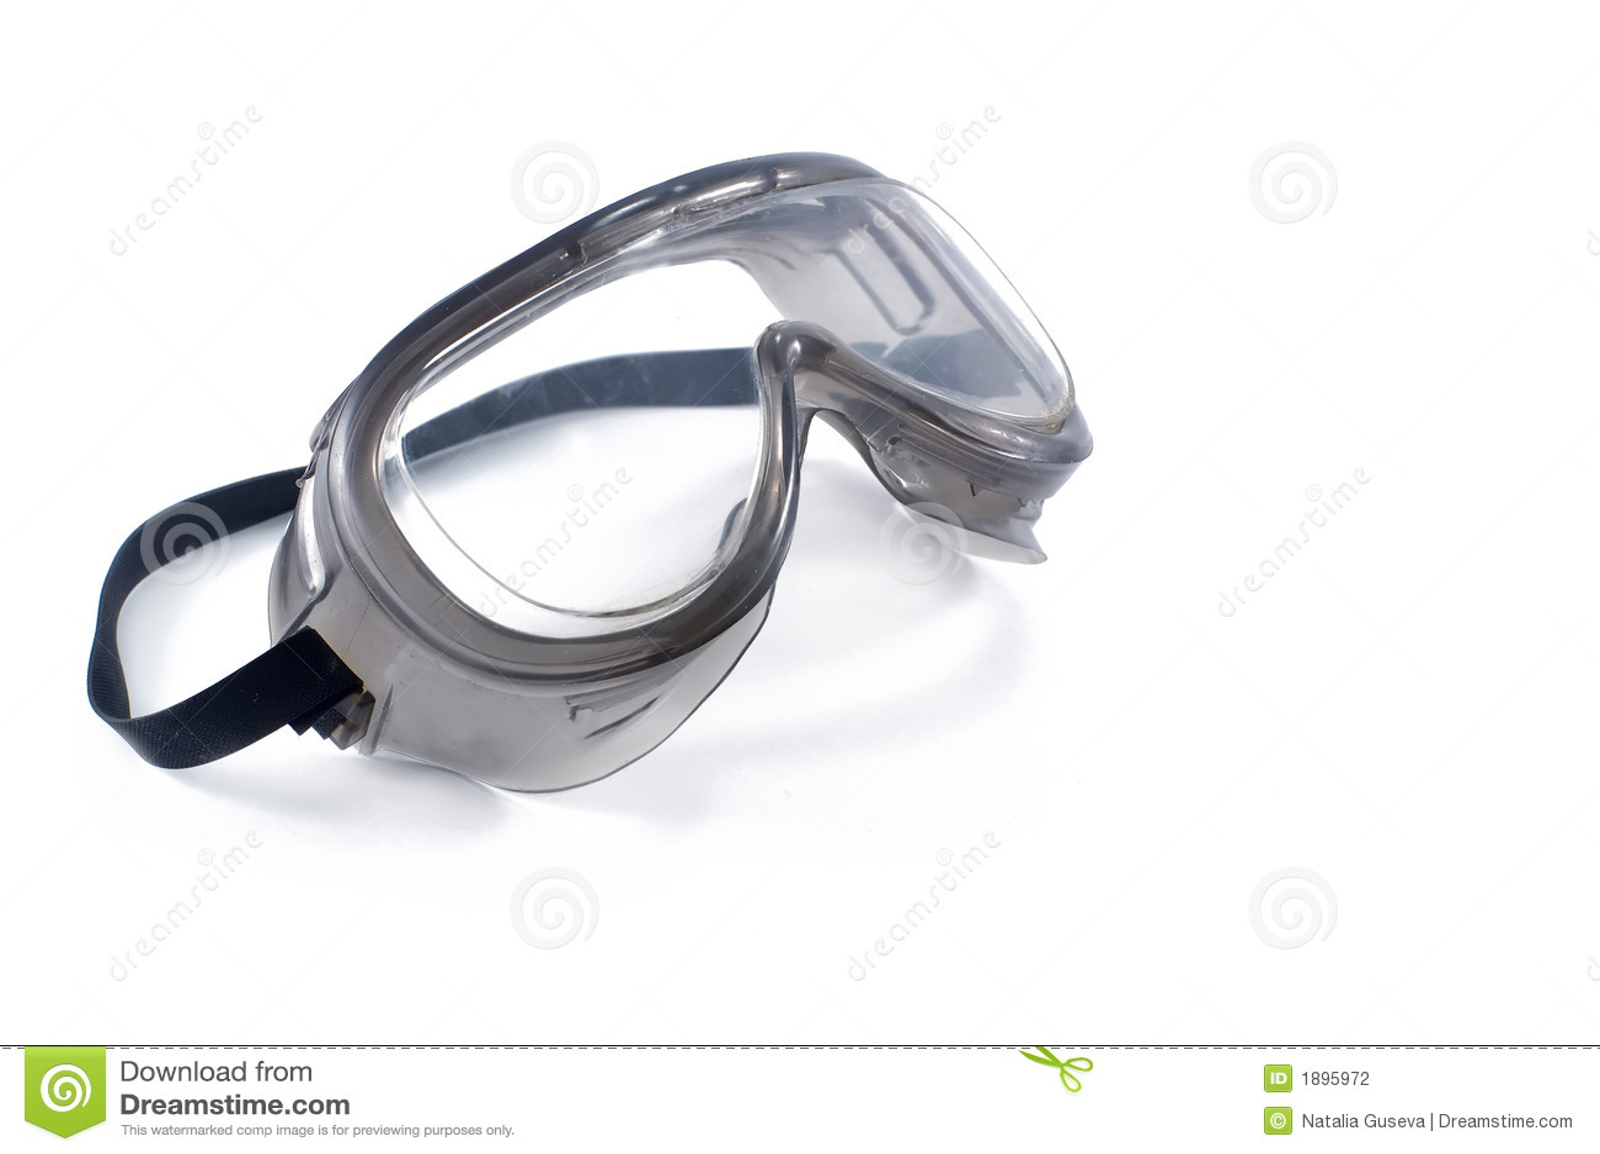 0f68954a13 απομονωμένο προστατευτικά δίοπτρα πλαστικό λευκό γυαλιών Στοκ Εικόνες -  εικόνα από προστατεύστε